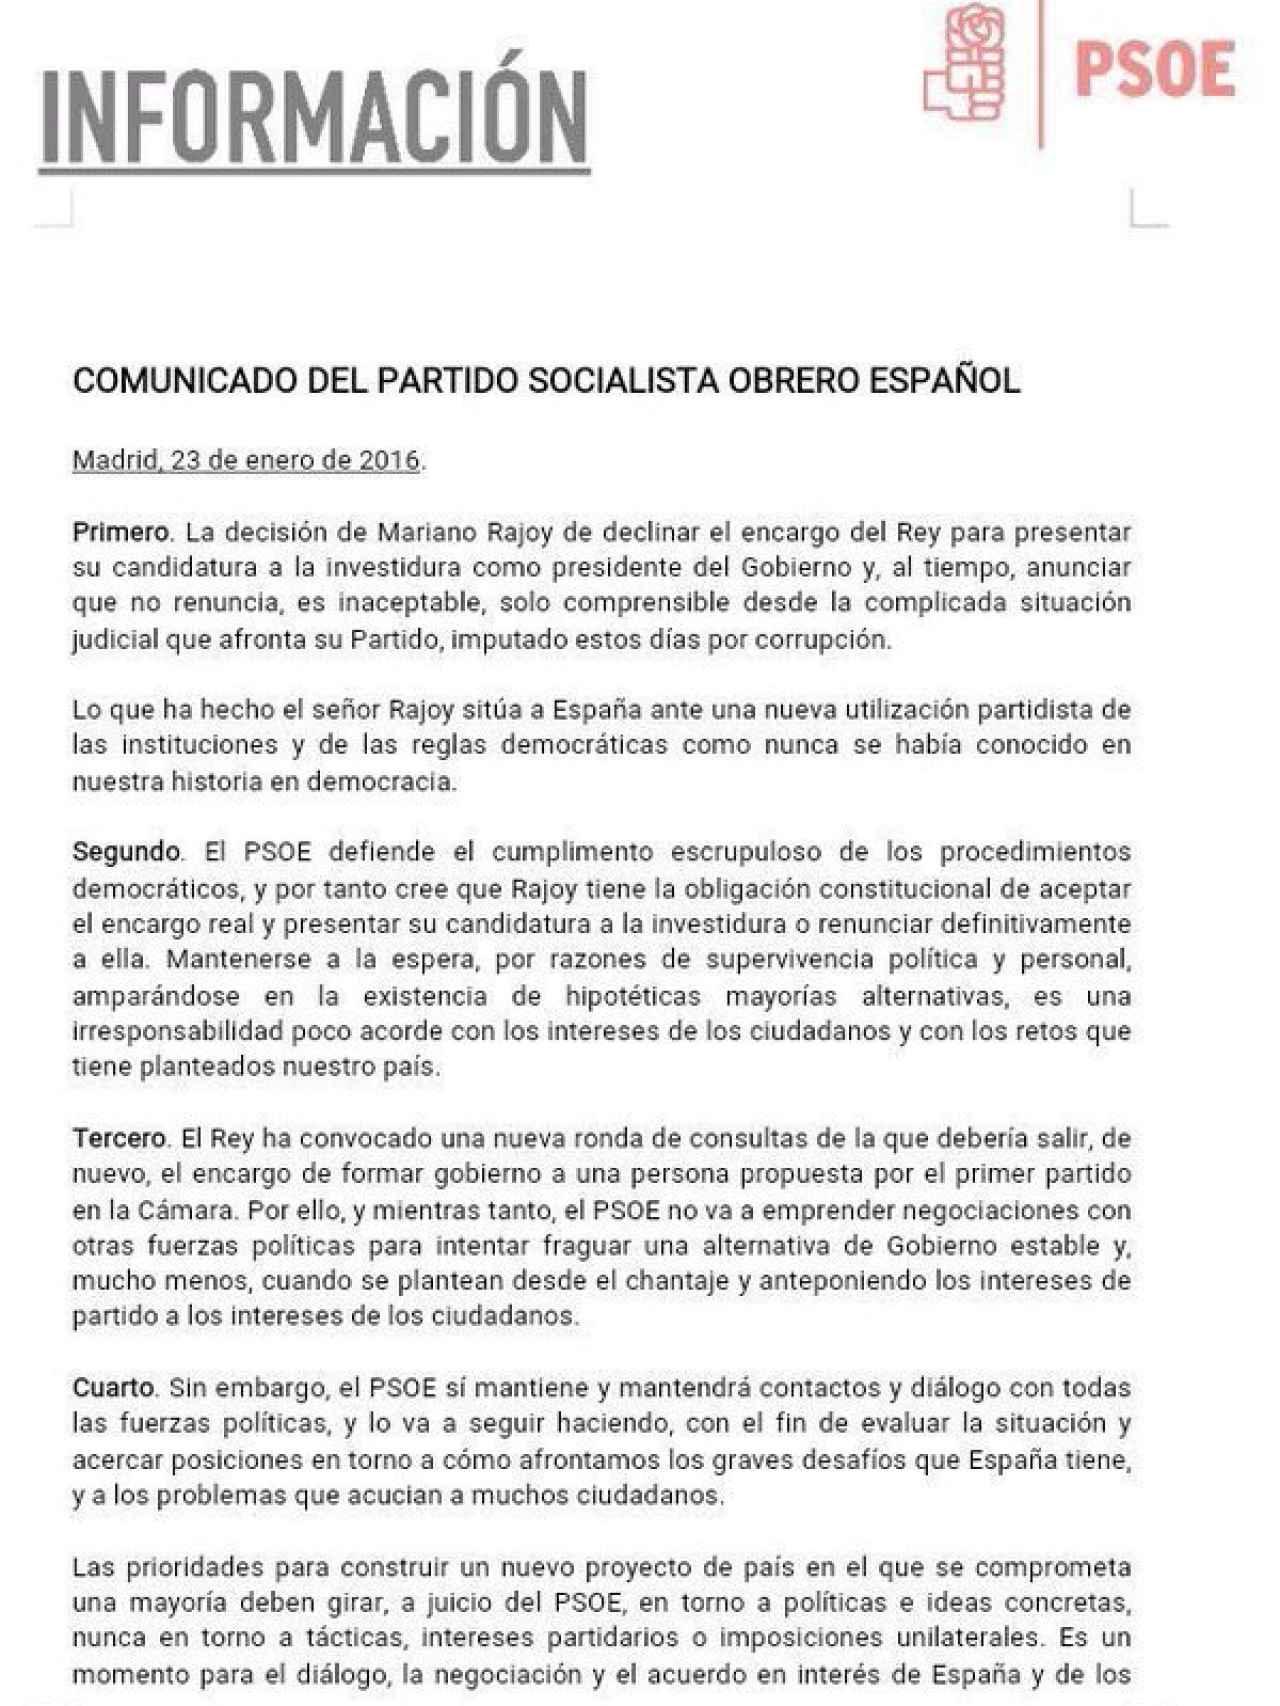 Comunicado del PSOE.